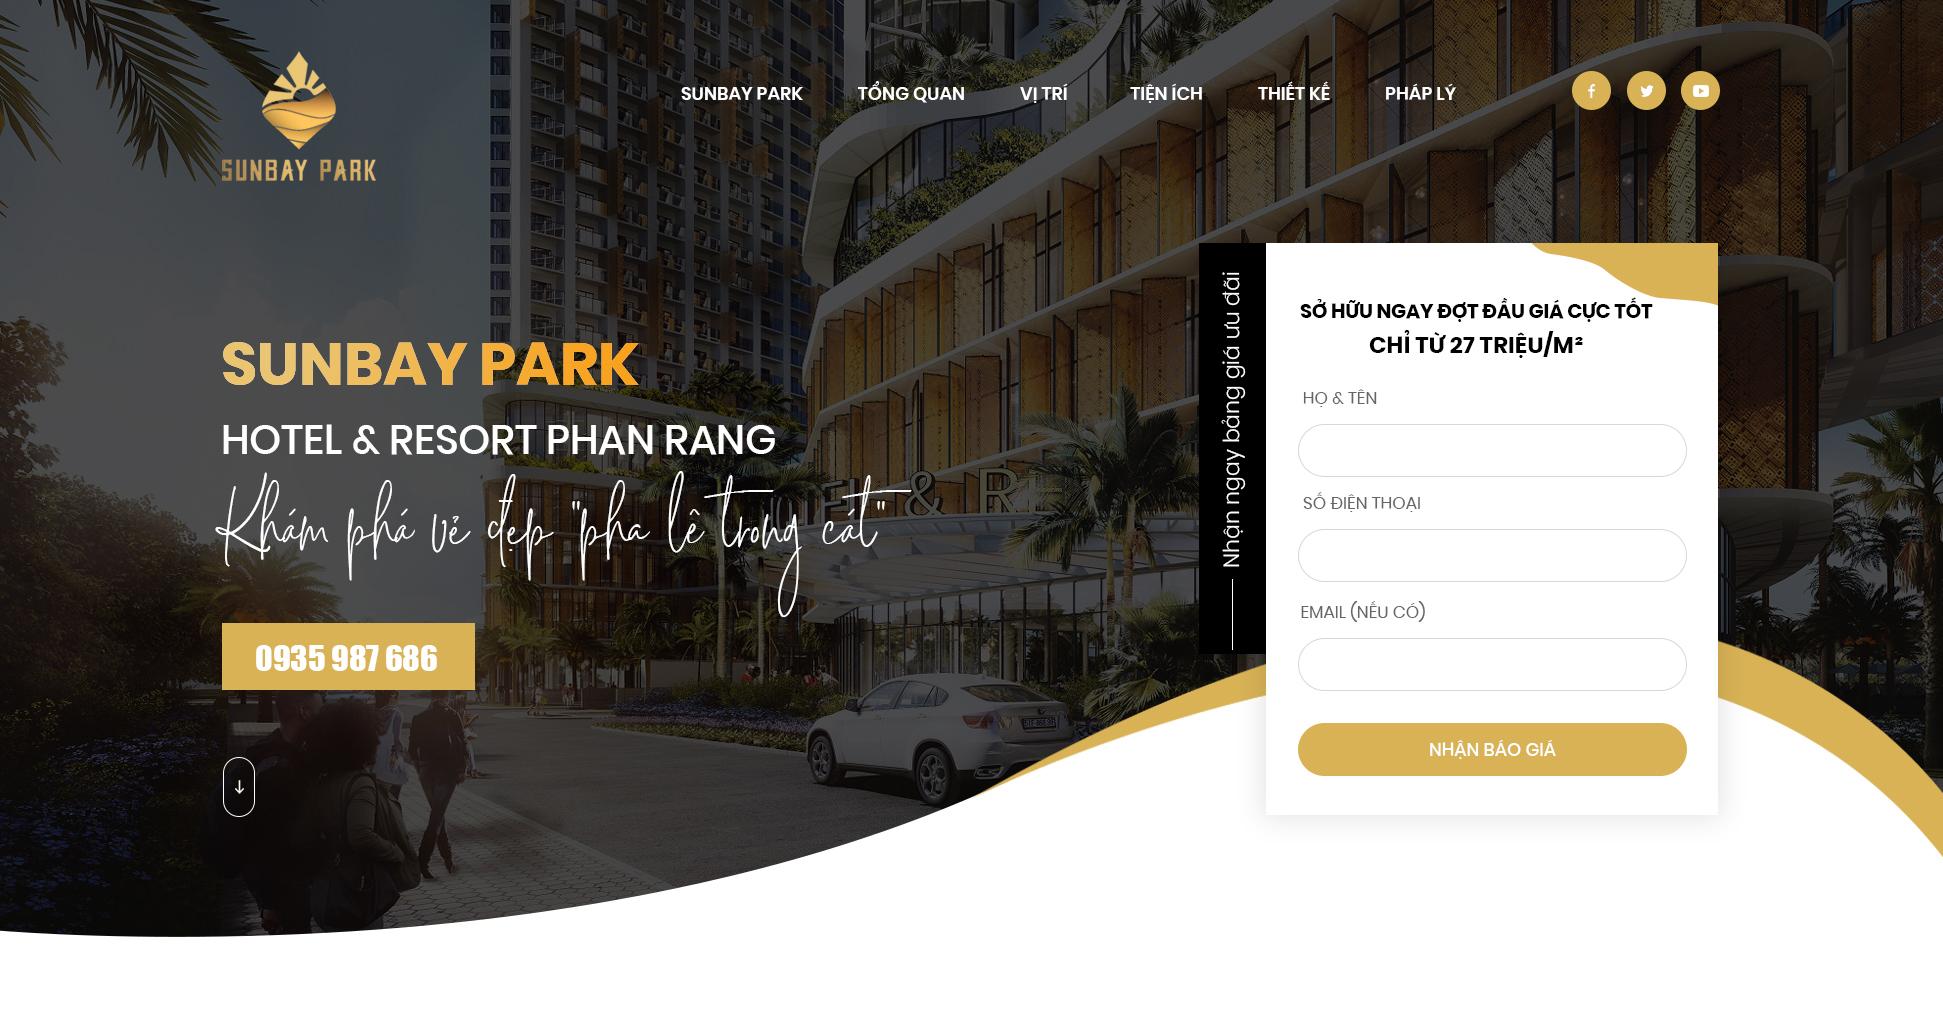 Thiết kế Landing Page Bất Động Sản Nha Trang | PutaDesign